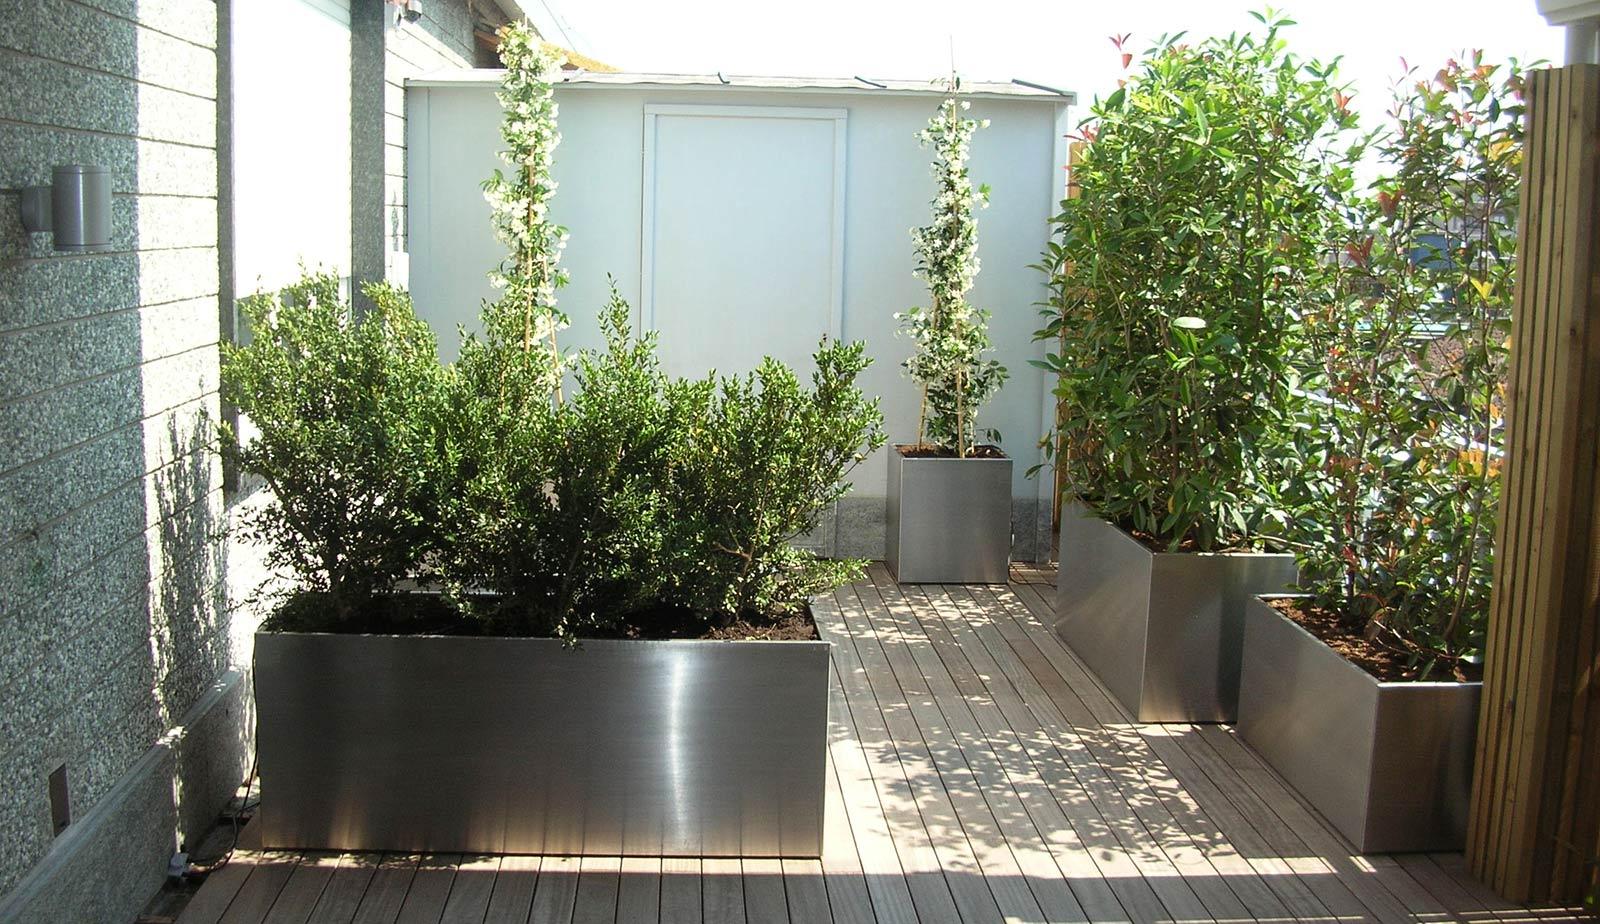 Progettare spazi verdi - Fioriere da balcone ikea ...